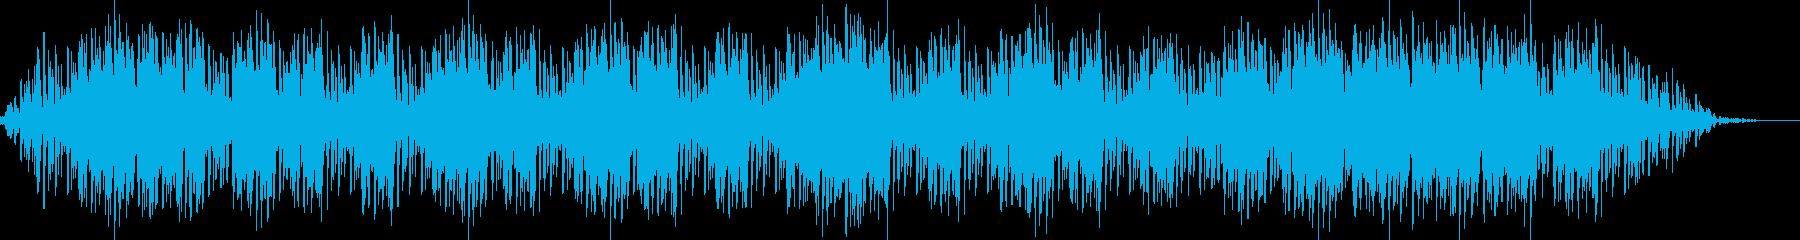 オリジナリティーのある癒しのヒーリング曲の再生済みの波形